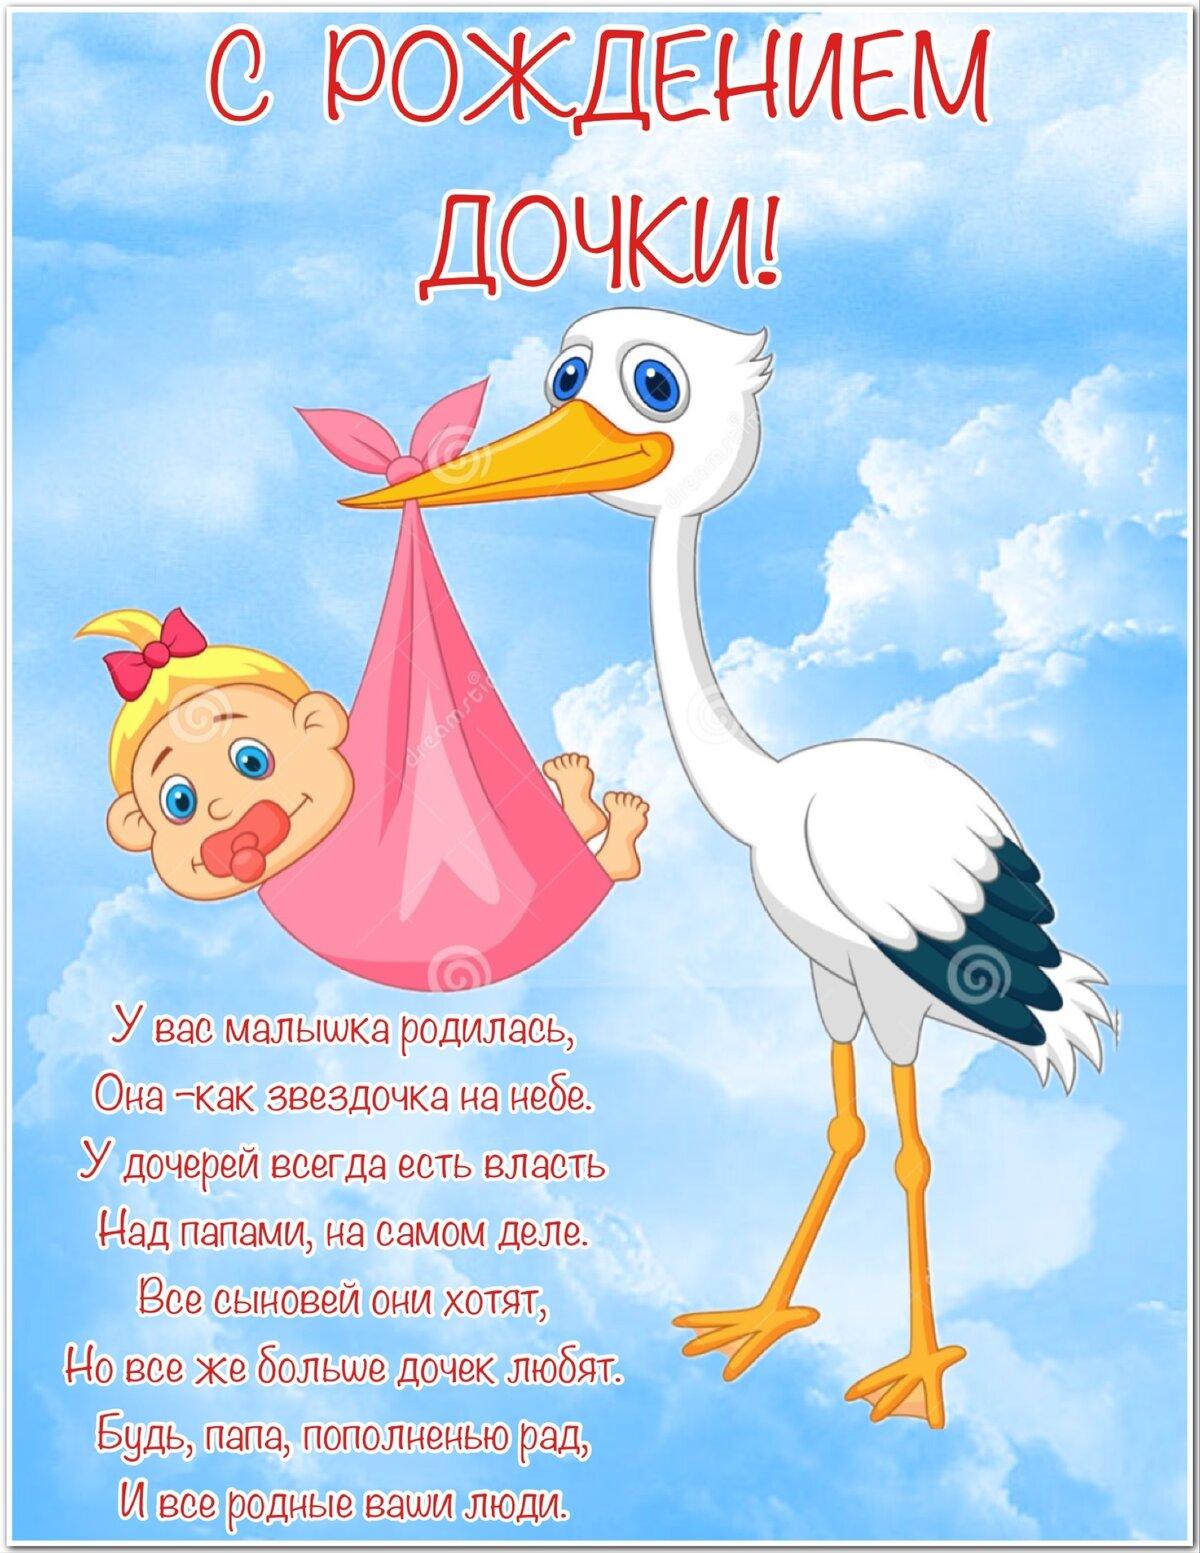 Открытки поздравления маме с рождением дочки в стихах, приложение открыток